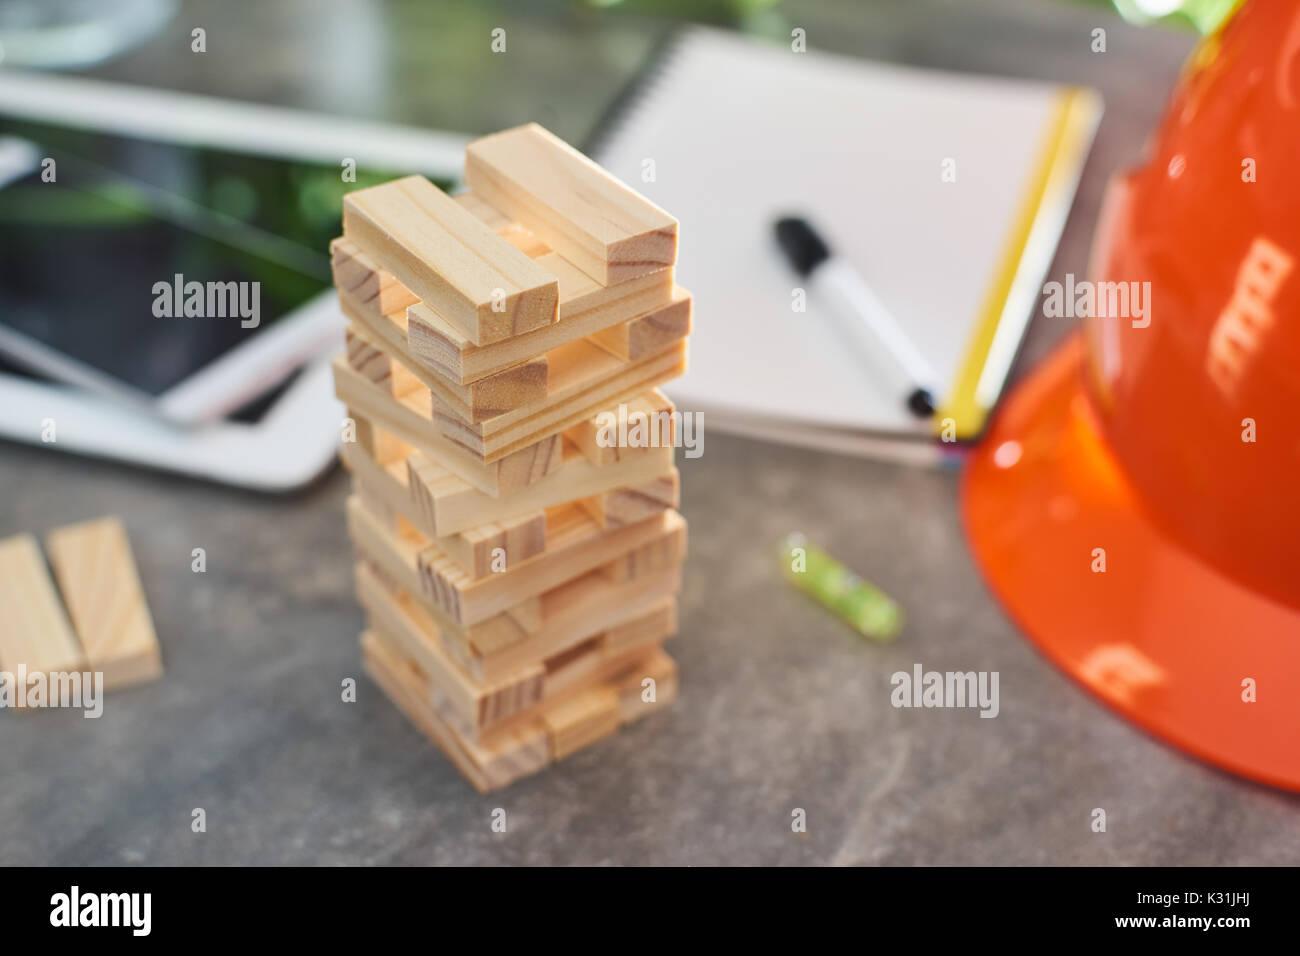 Legno marrone building block tower con blur sullo sfondo .messa a fuoco selezionata . Immagini Stock